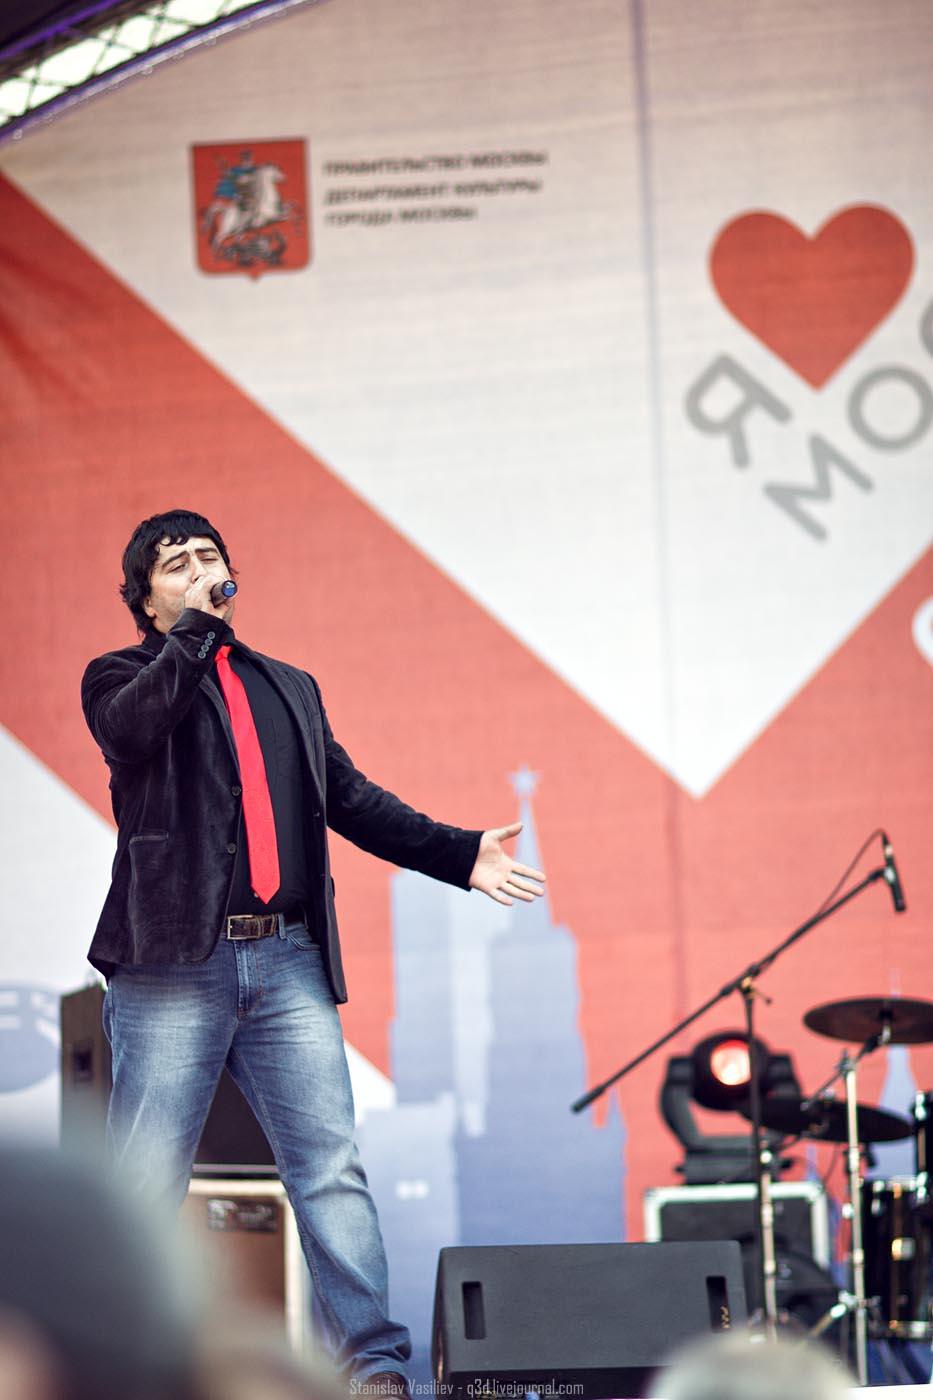 День города - Москва - 2013 - #012